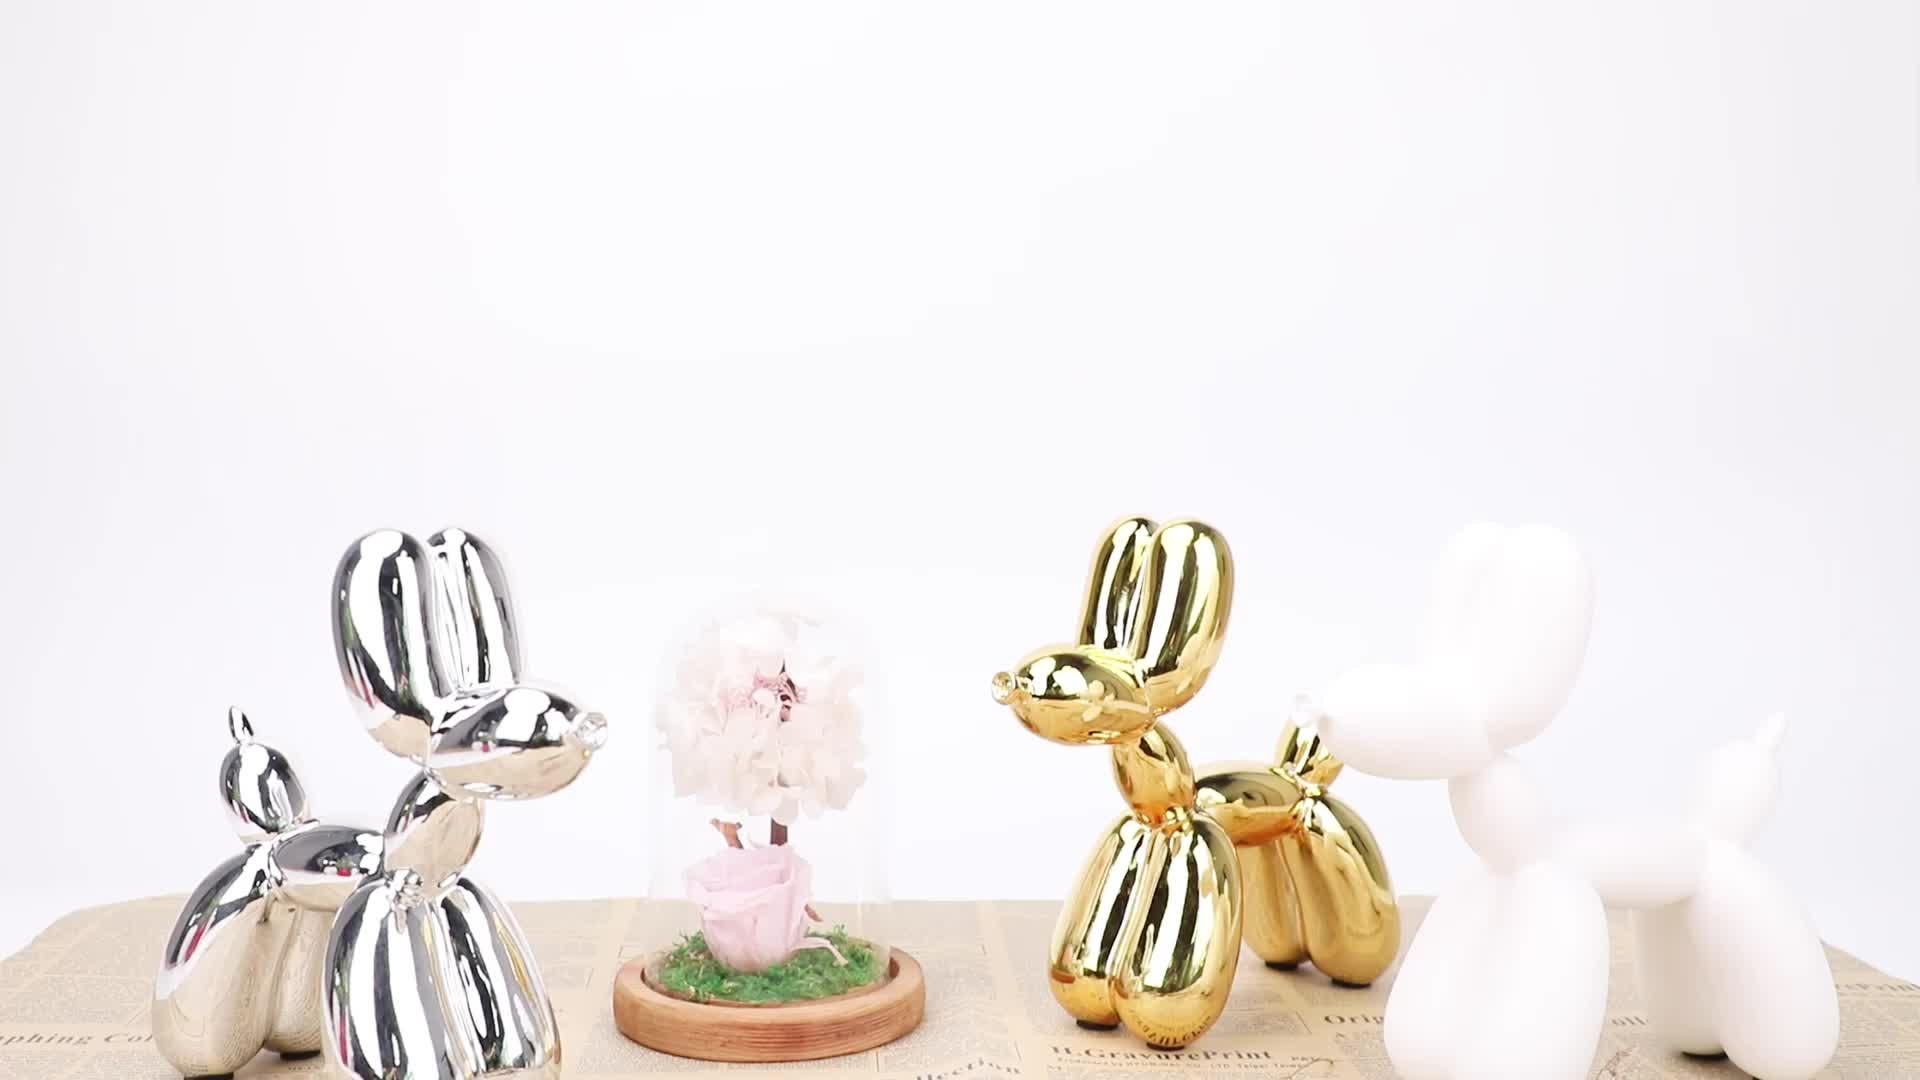 Beste verloting geschenken hond ballon ballon hond sculptuur voor home decor